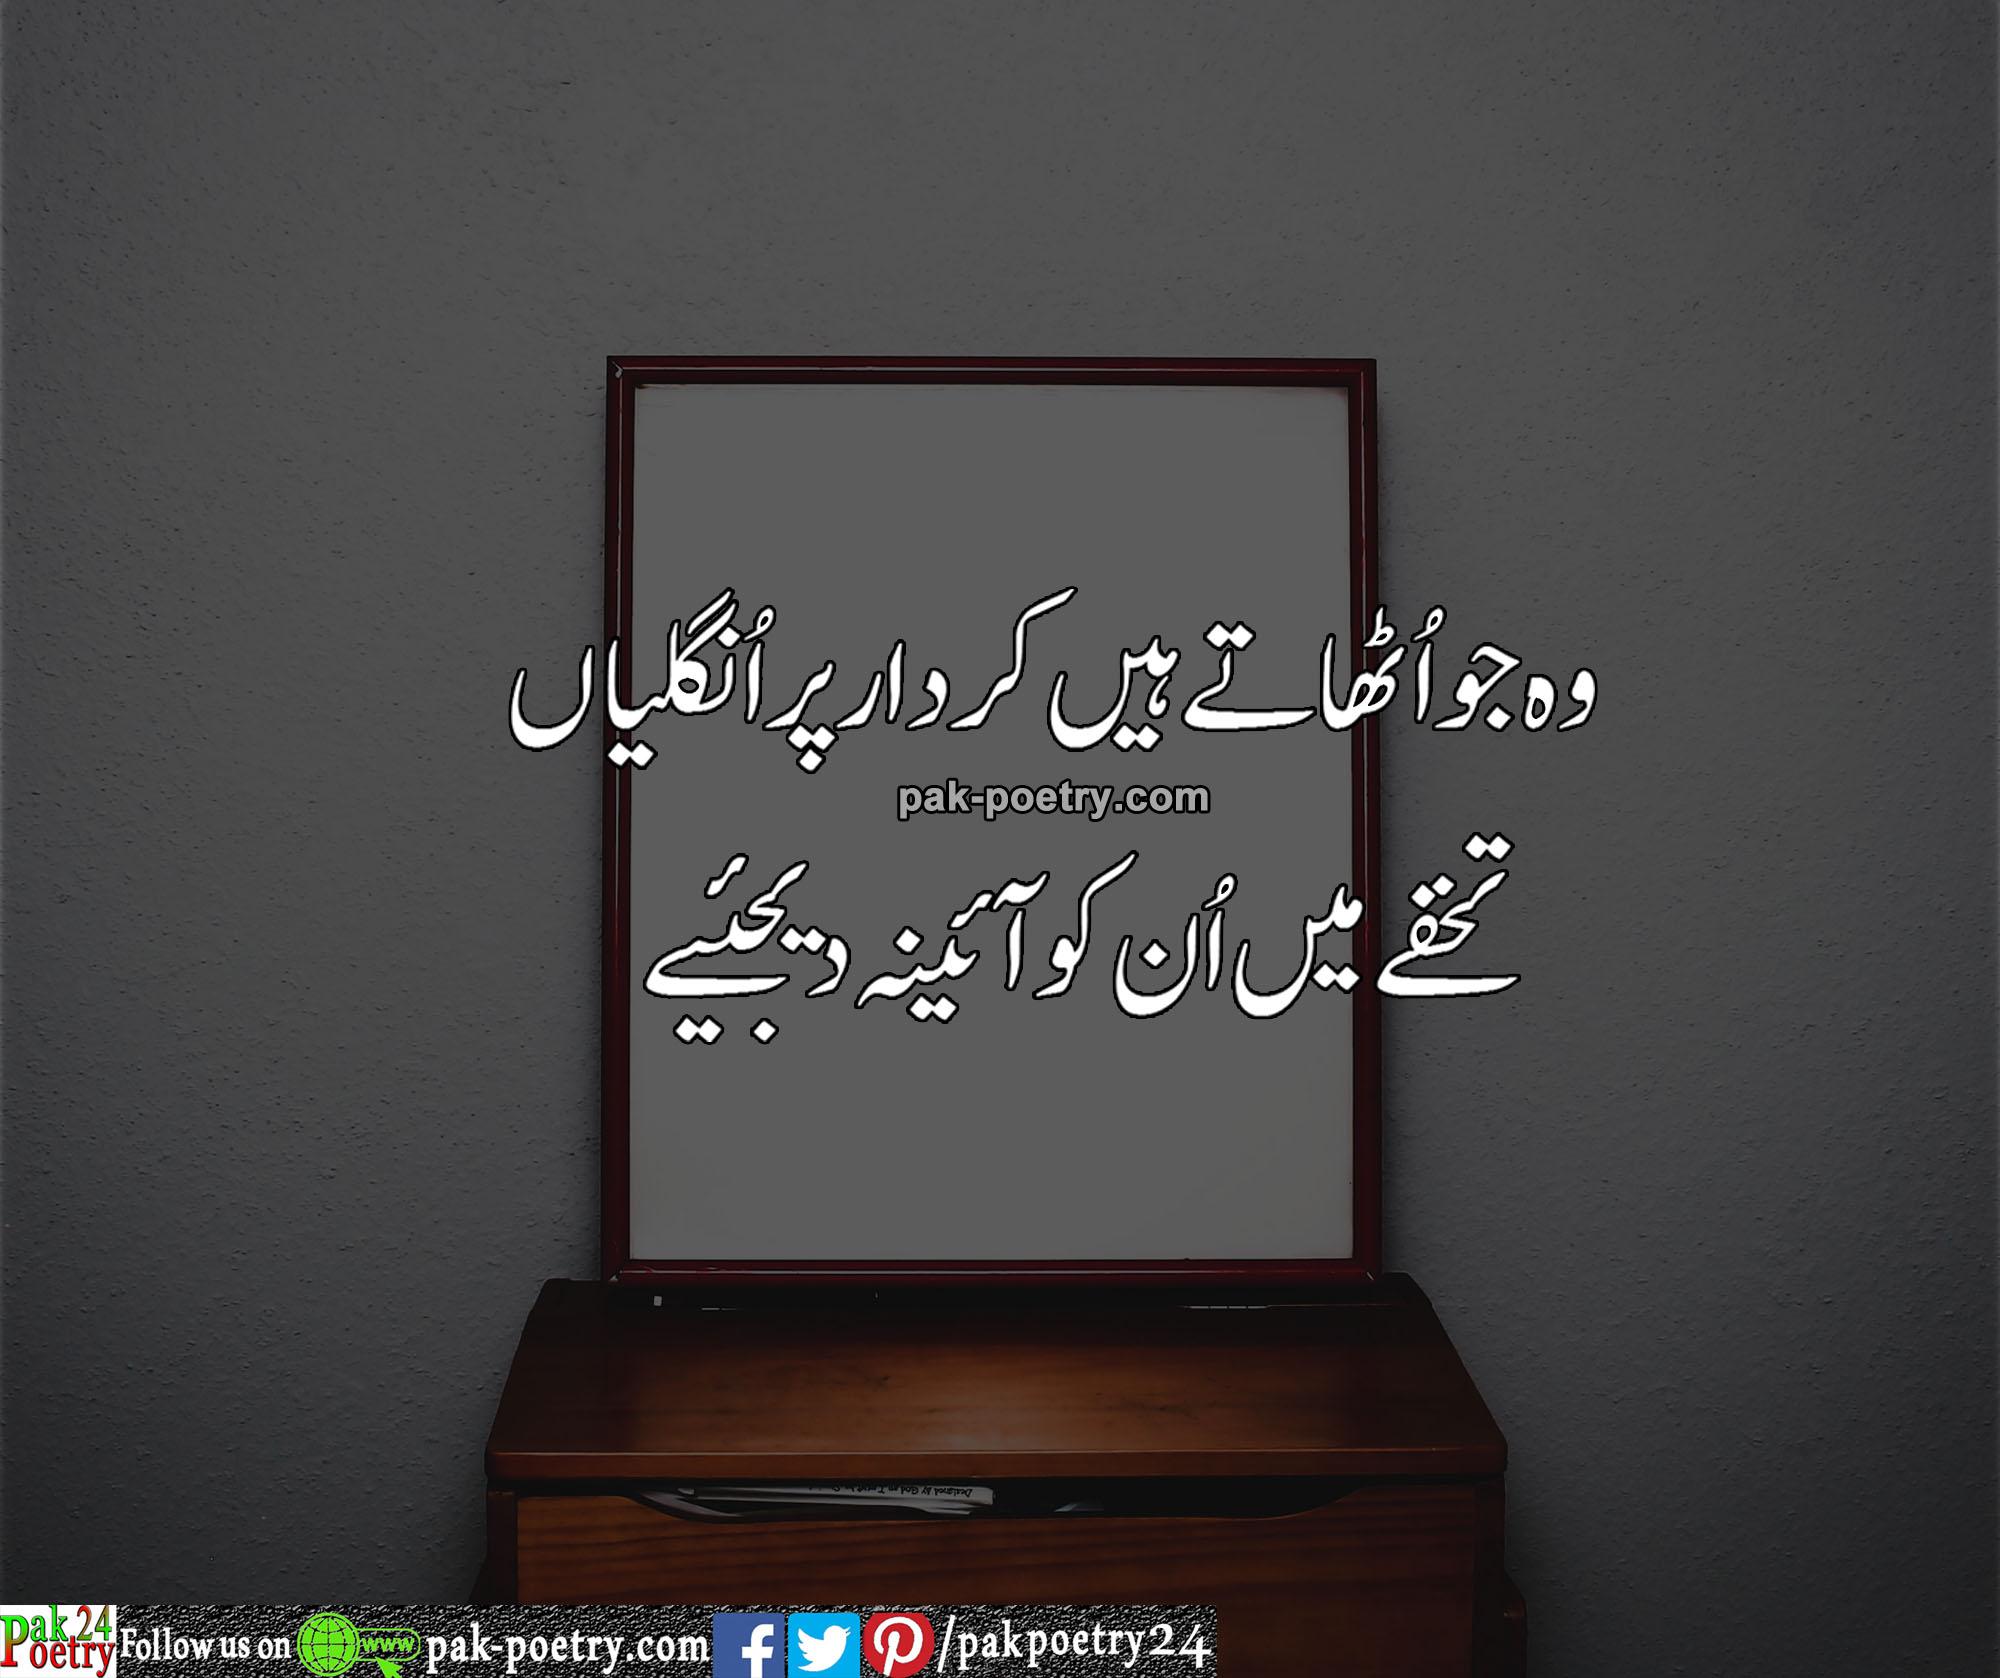 reality poetry, urdu poetry